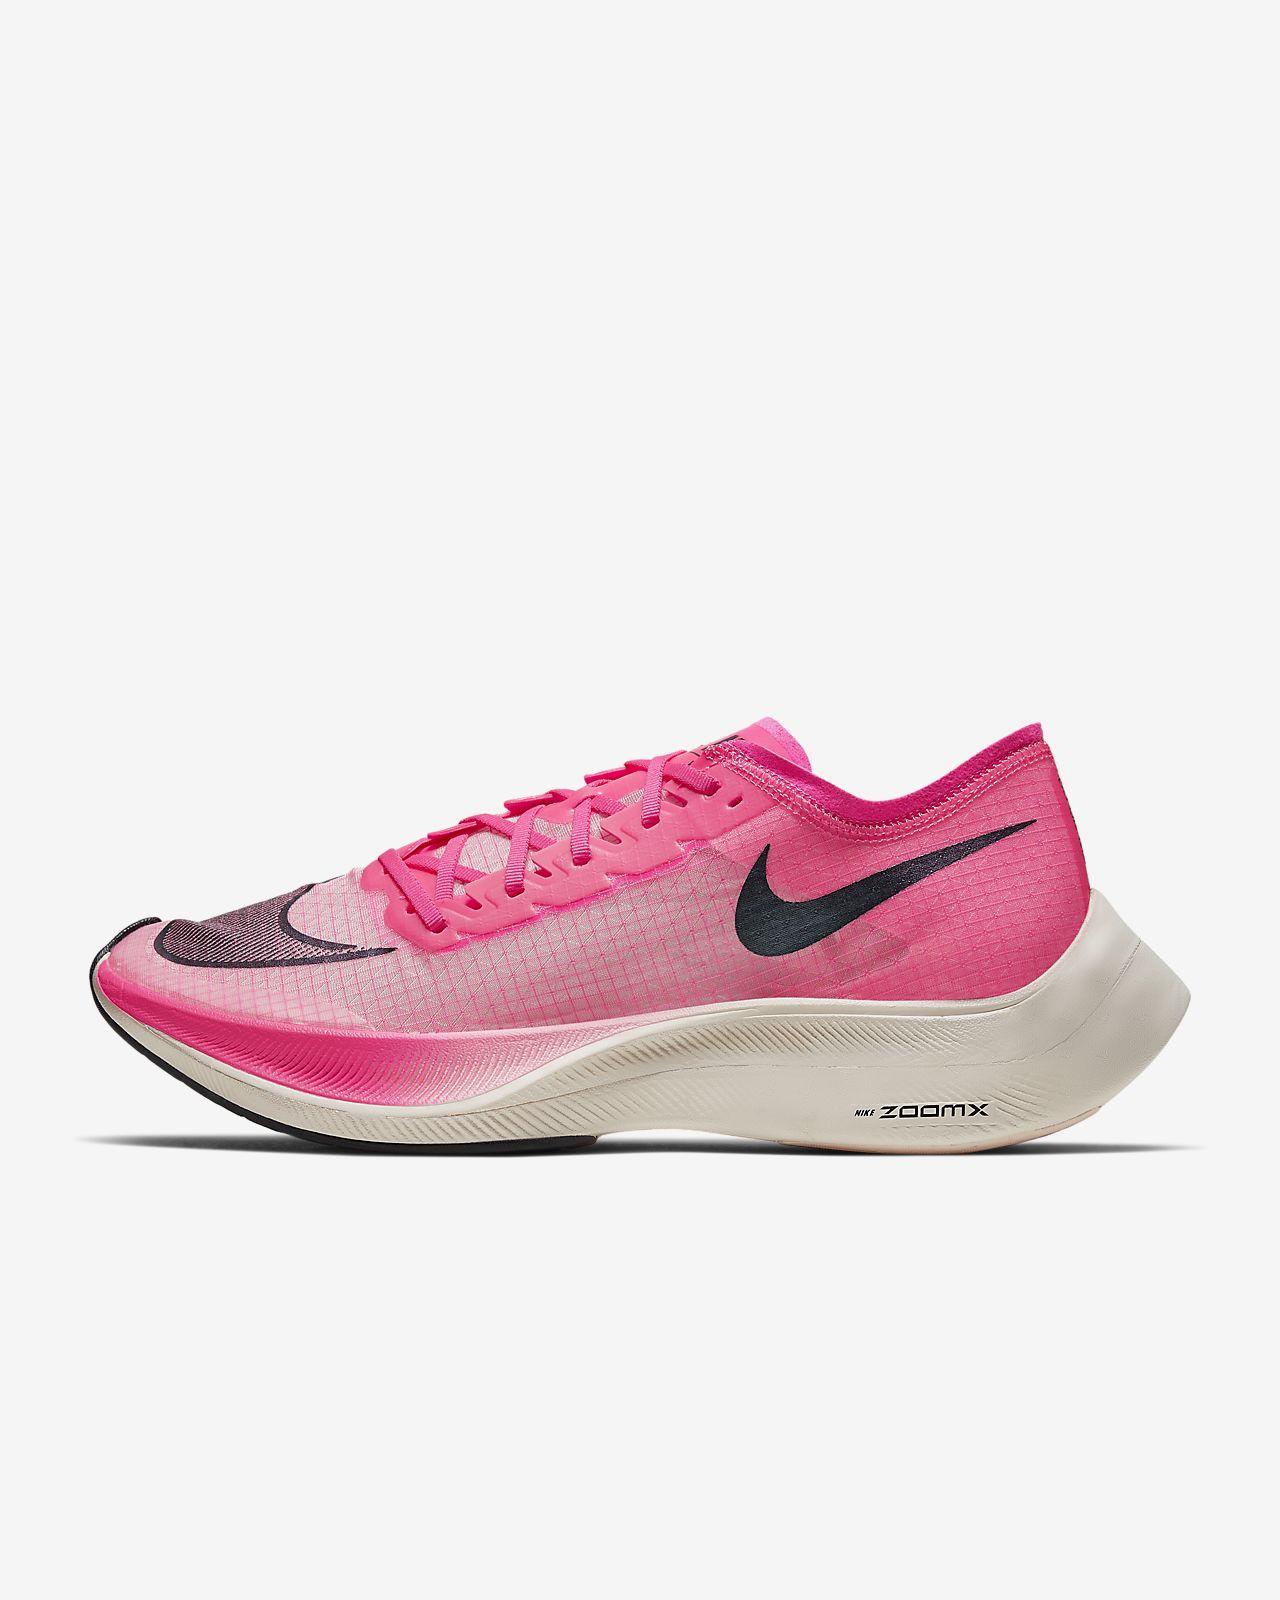 Shoe NextRunning Vaporfly Zoomx Nike Vaporfly NextRunning NextRunning Shoe Nike Zoomx Nike Zoomx Vaporfly ARq3j54L